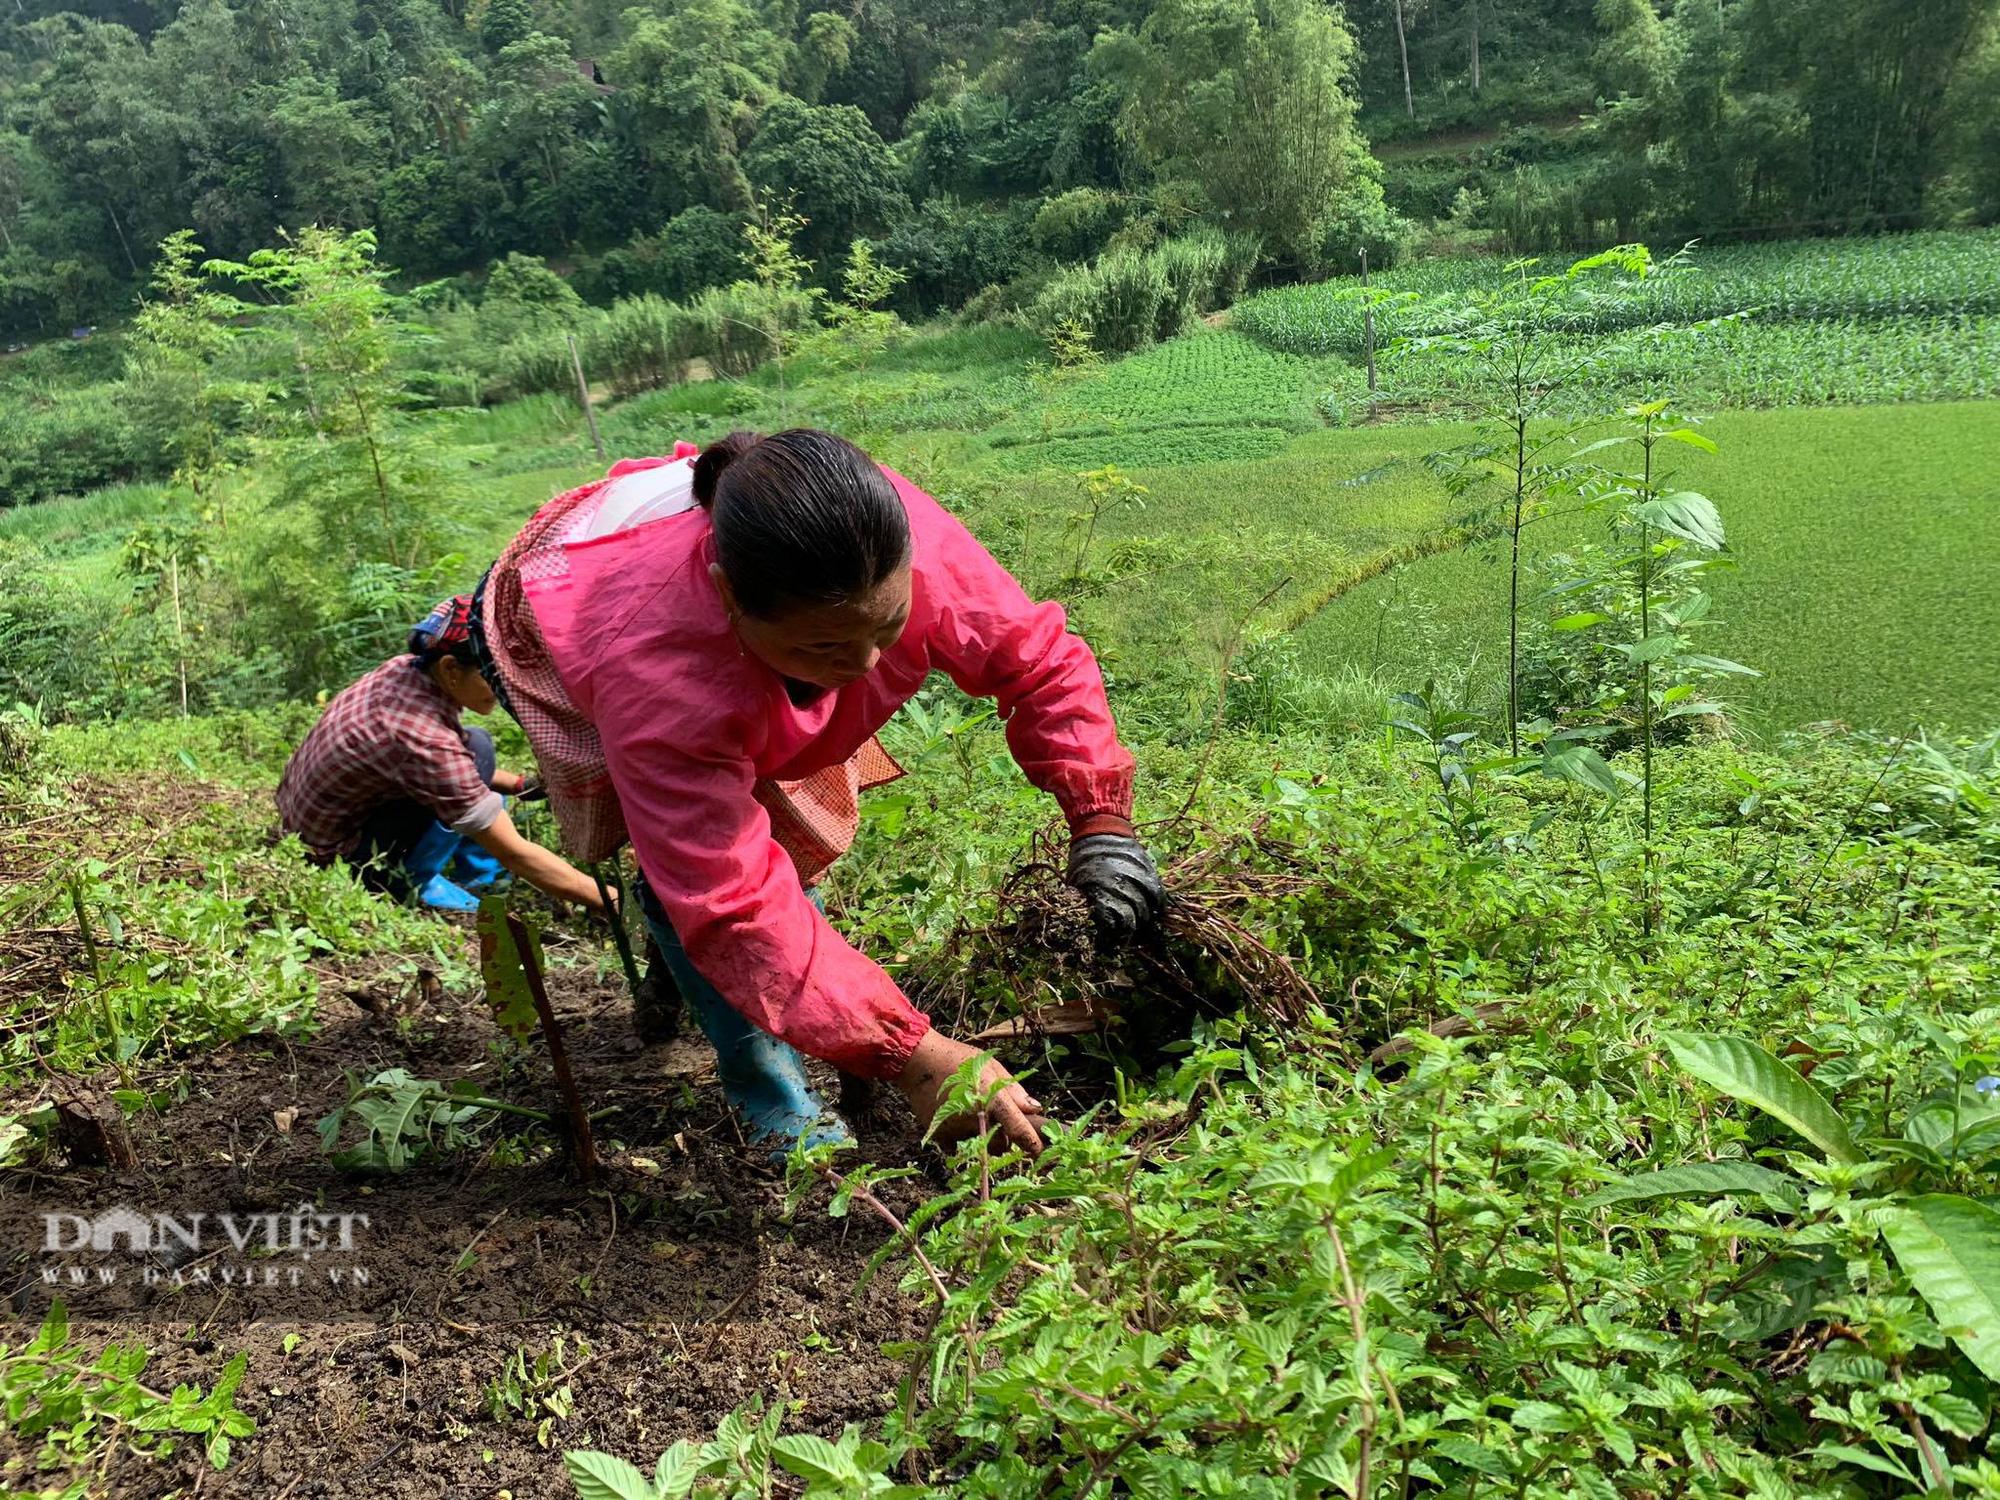 """Chỉ cần có mưa, người nông dân sẽ """"hái"""" ra tiền từ thứ cây này - Ảnh 3."""